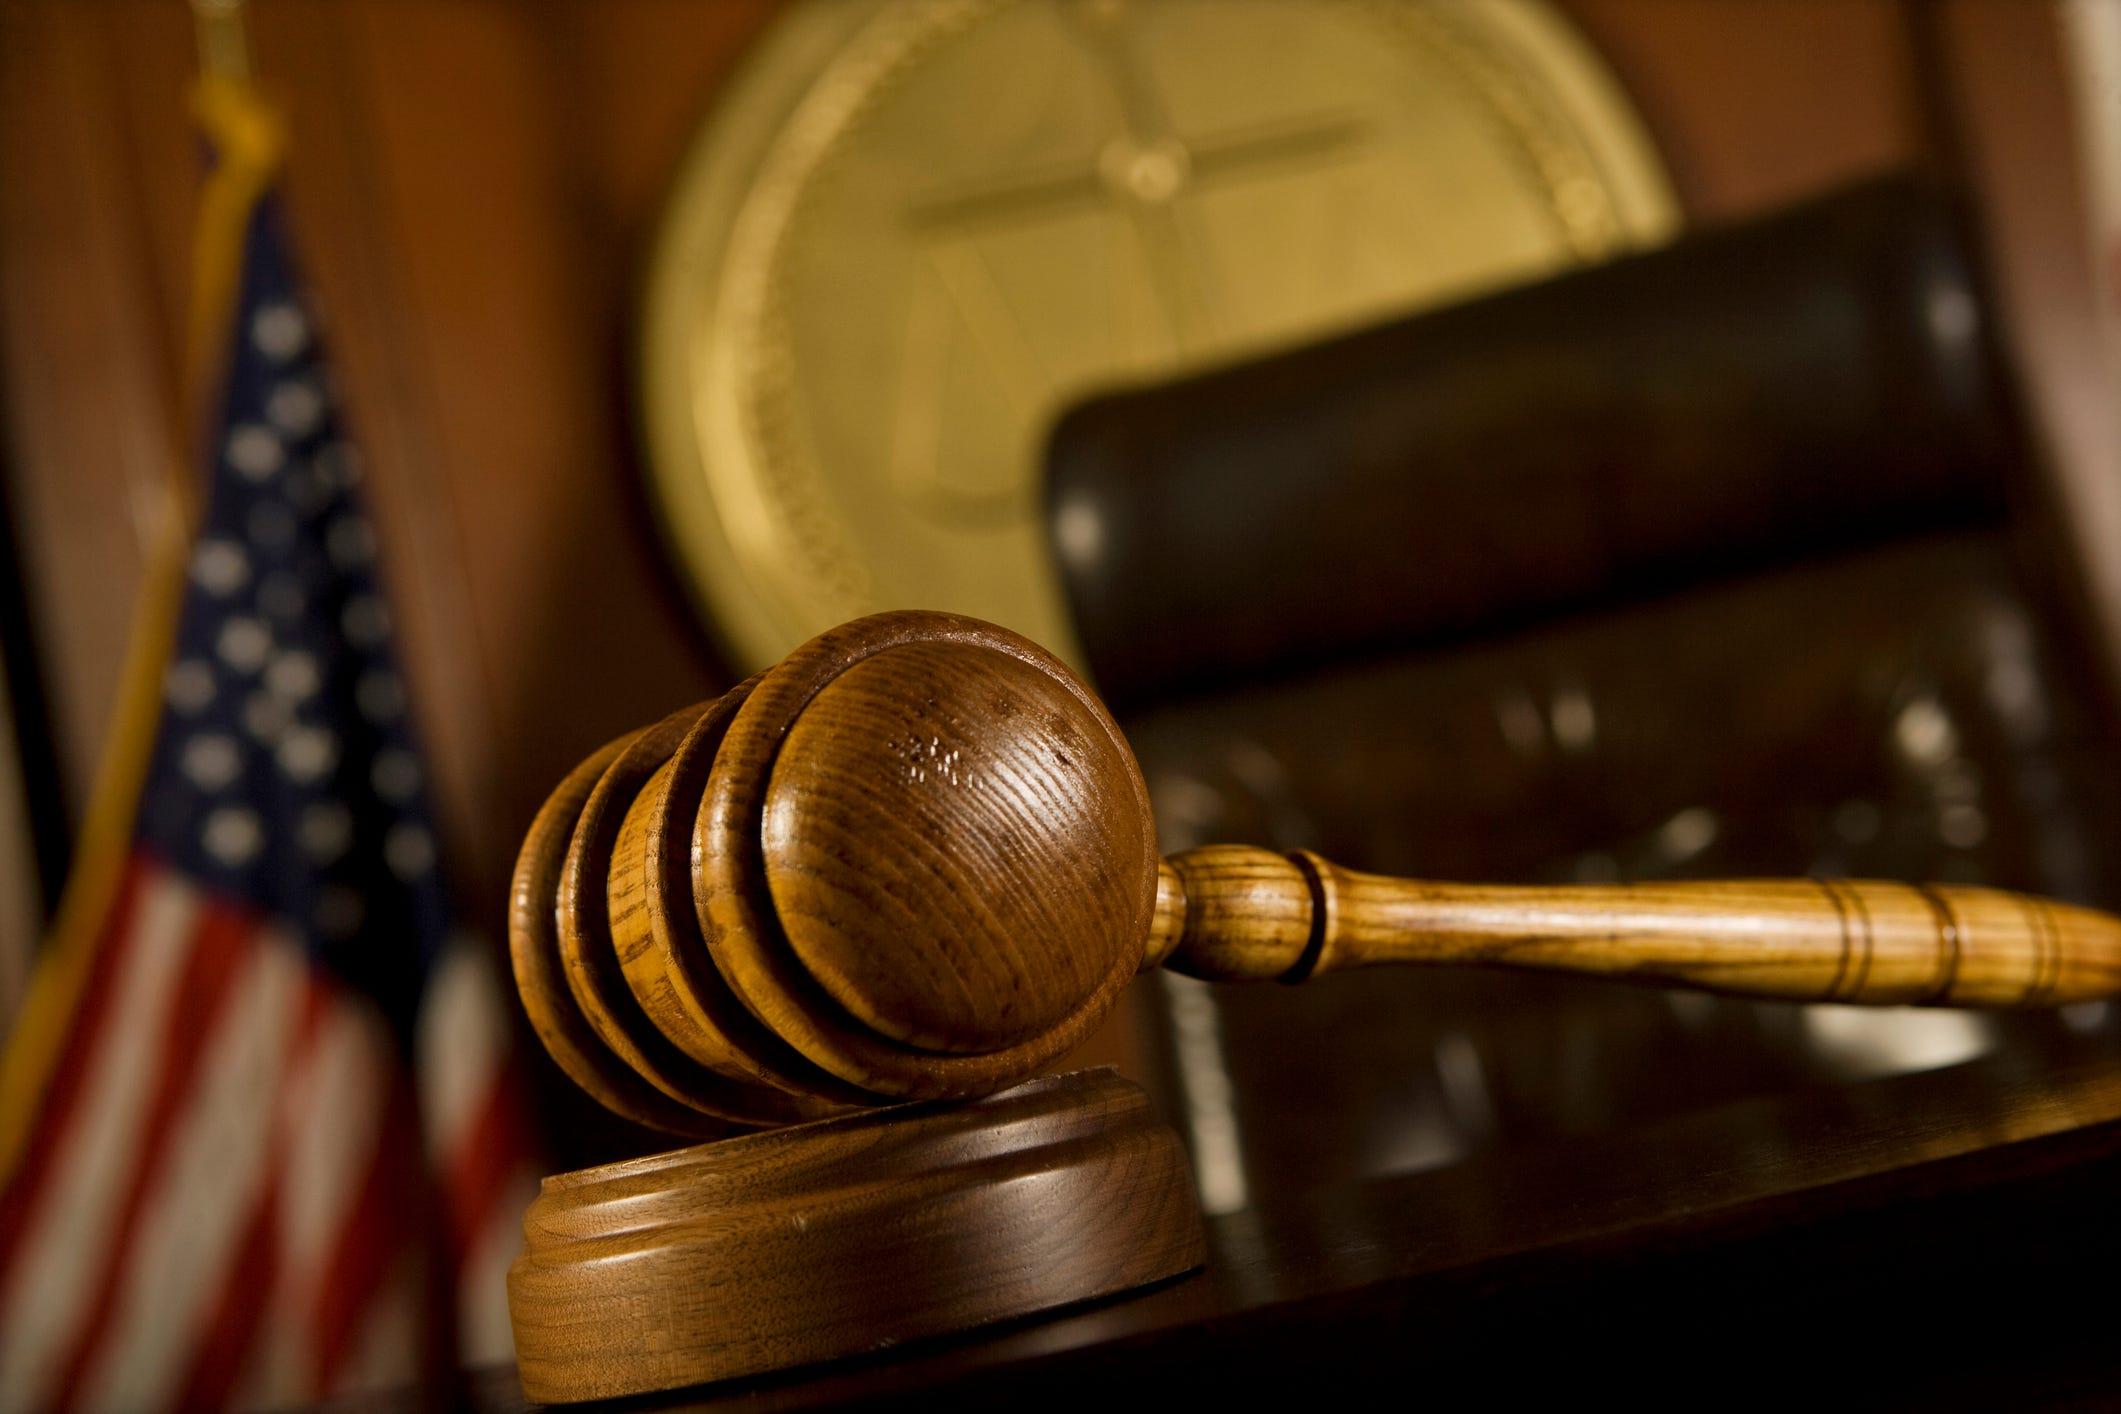 Arizona Supreme Court will hold in-person July bar exam despite COVID-19 concerns